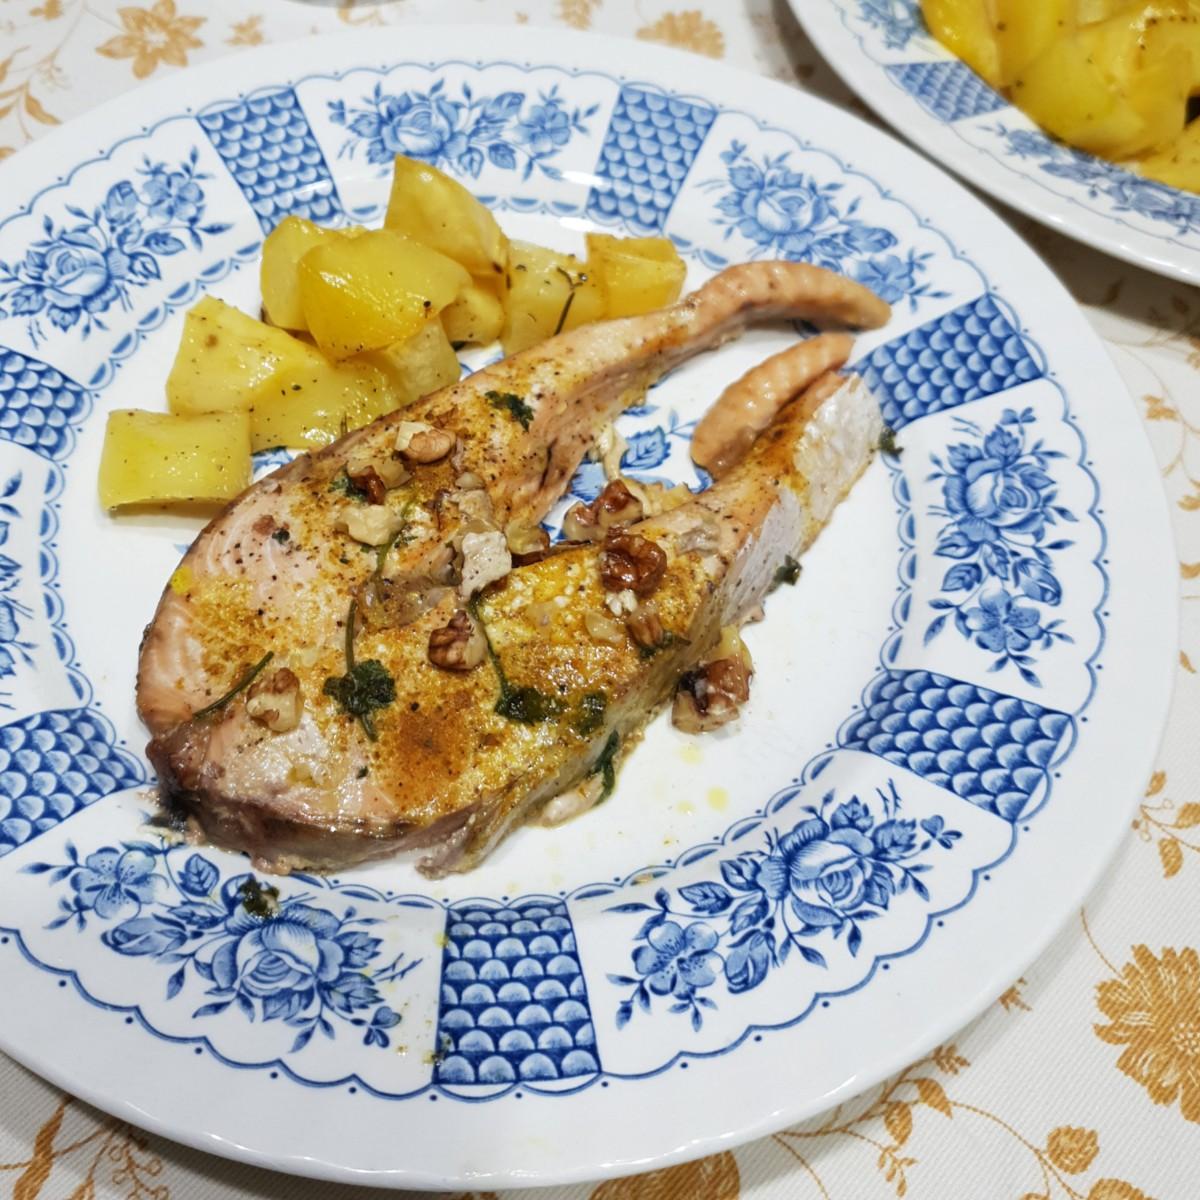 TRANCI DI SALMONE CURRY E NOCI ricetta salmone al forno speziato